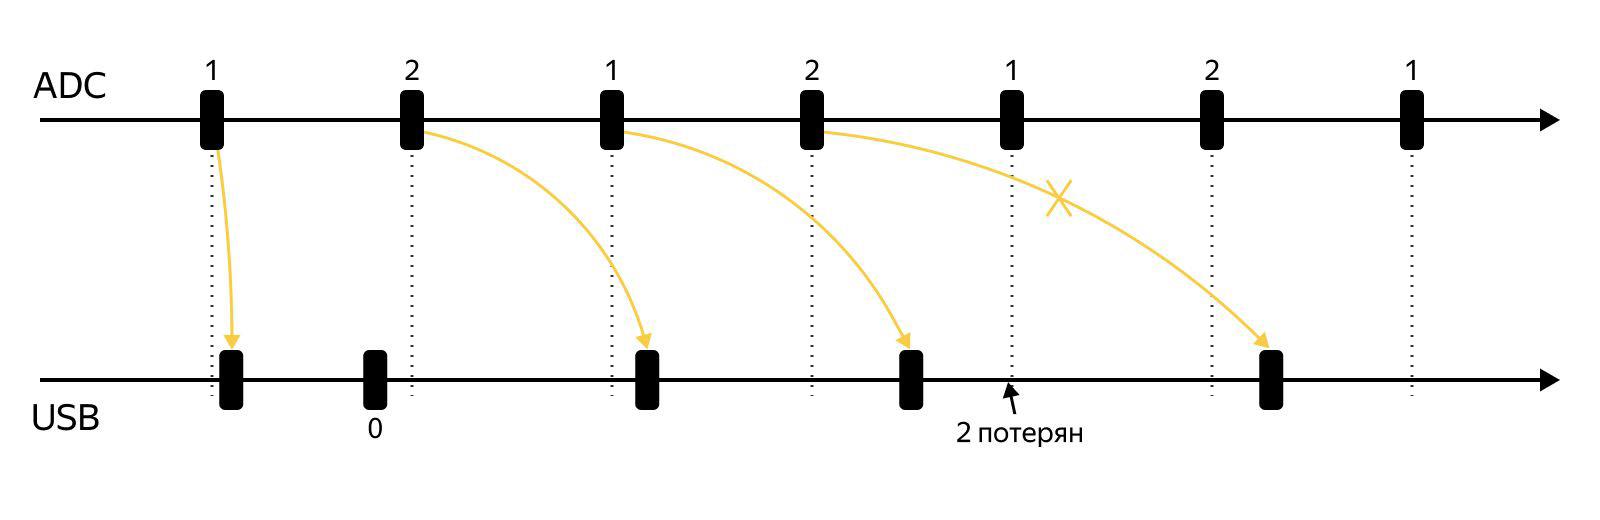 Как мы тестируем системы микрофонов на STM32: опыт разработчиков устройств Яндекса - 4